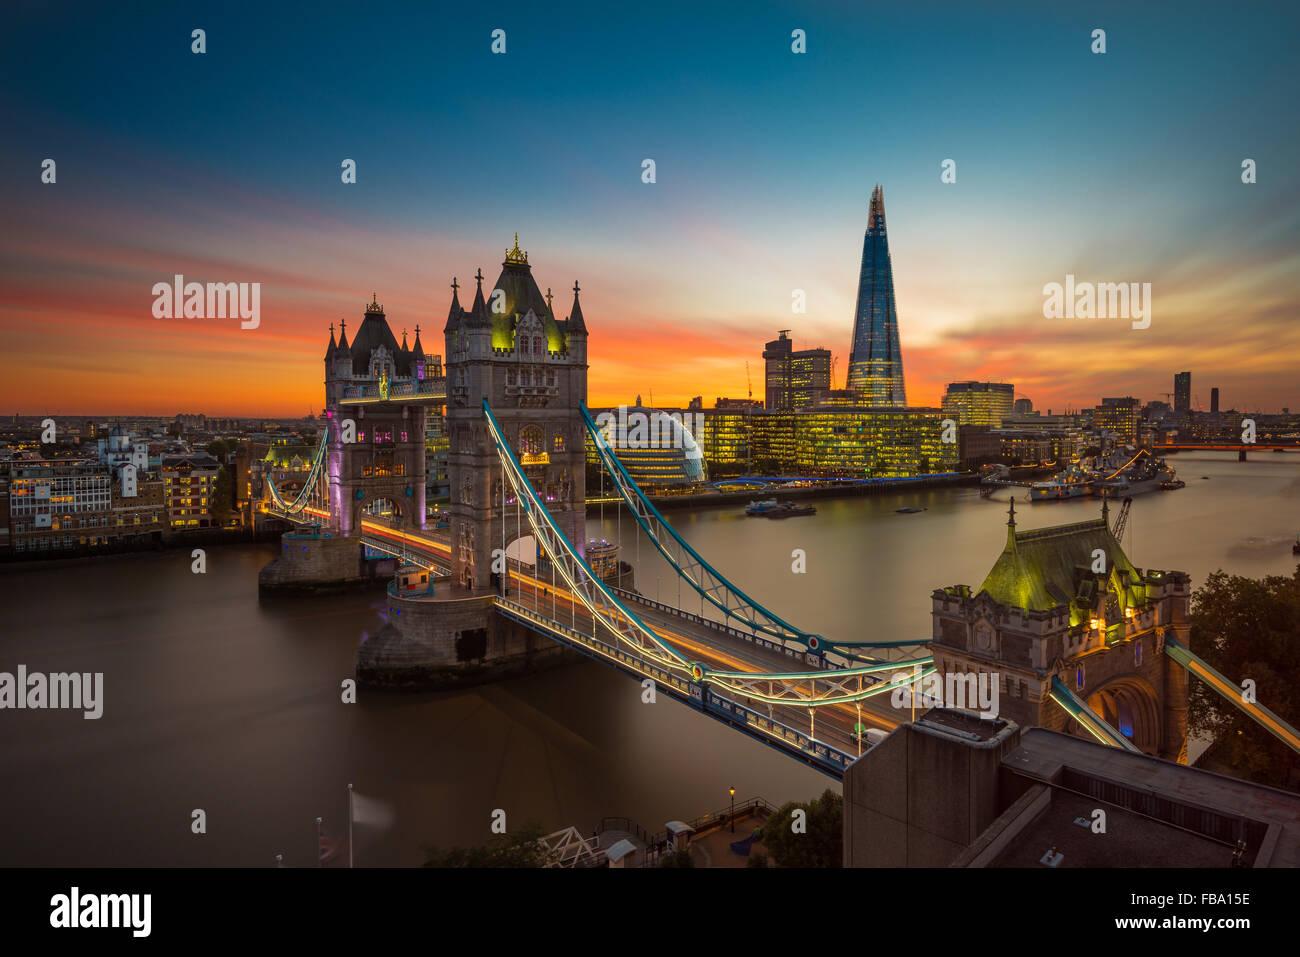 Crepúsculo, el Tower Bridge y el Shard al atardecer Imagen De Stock